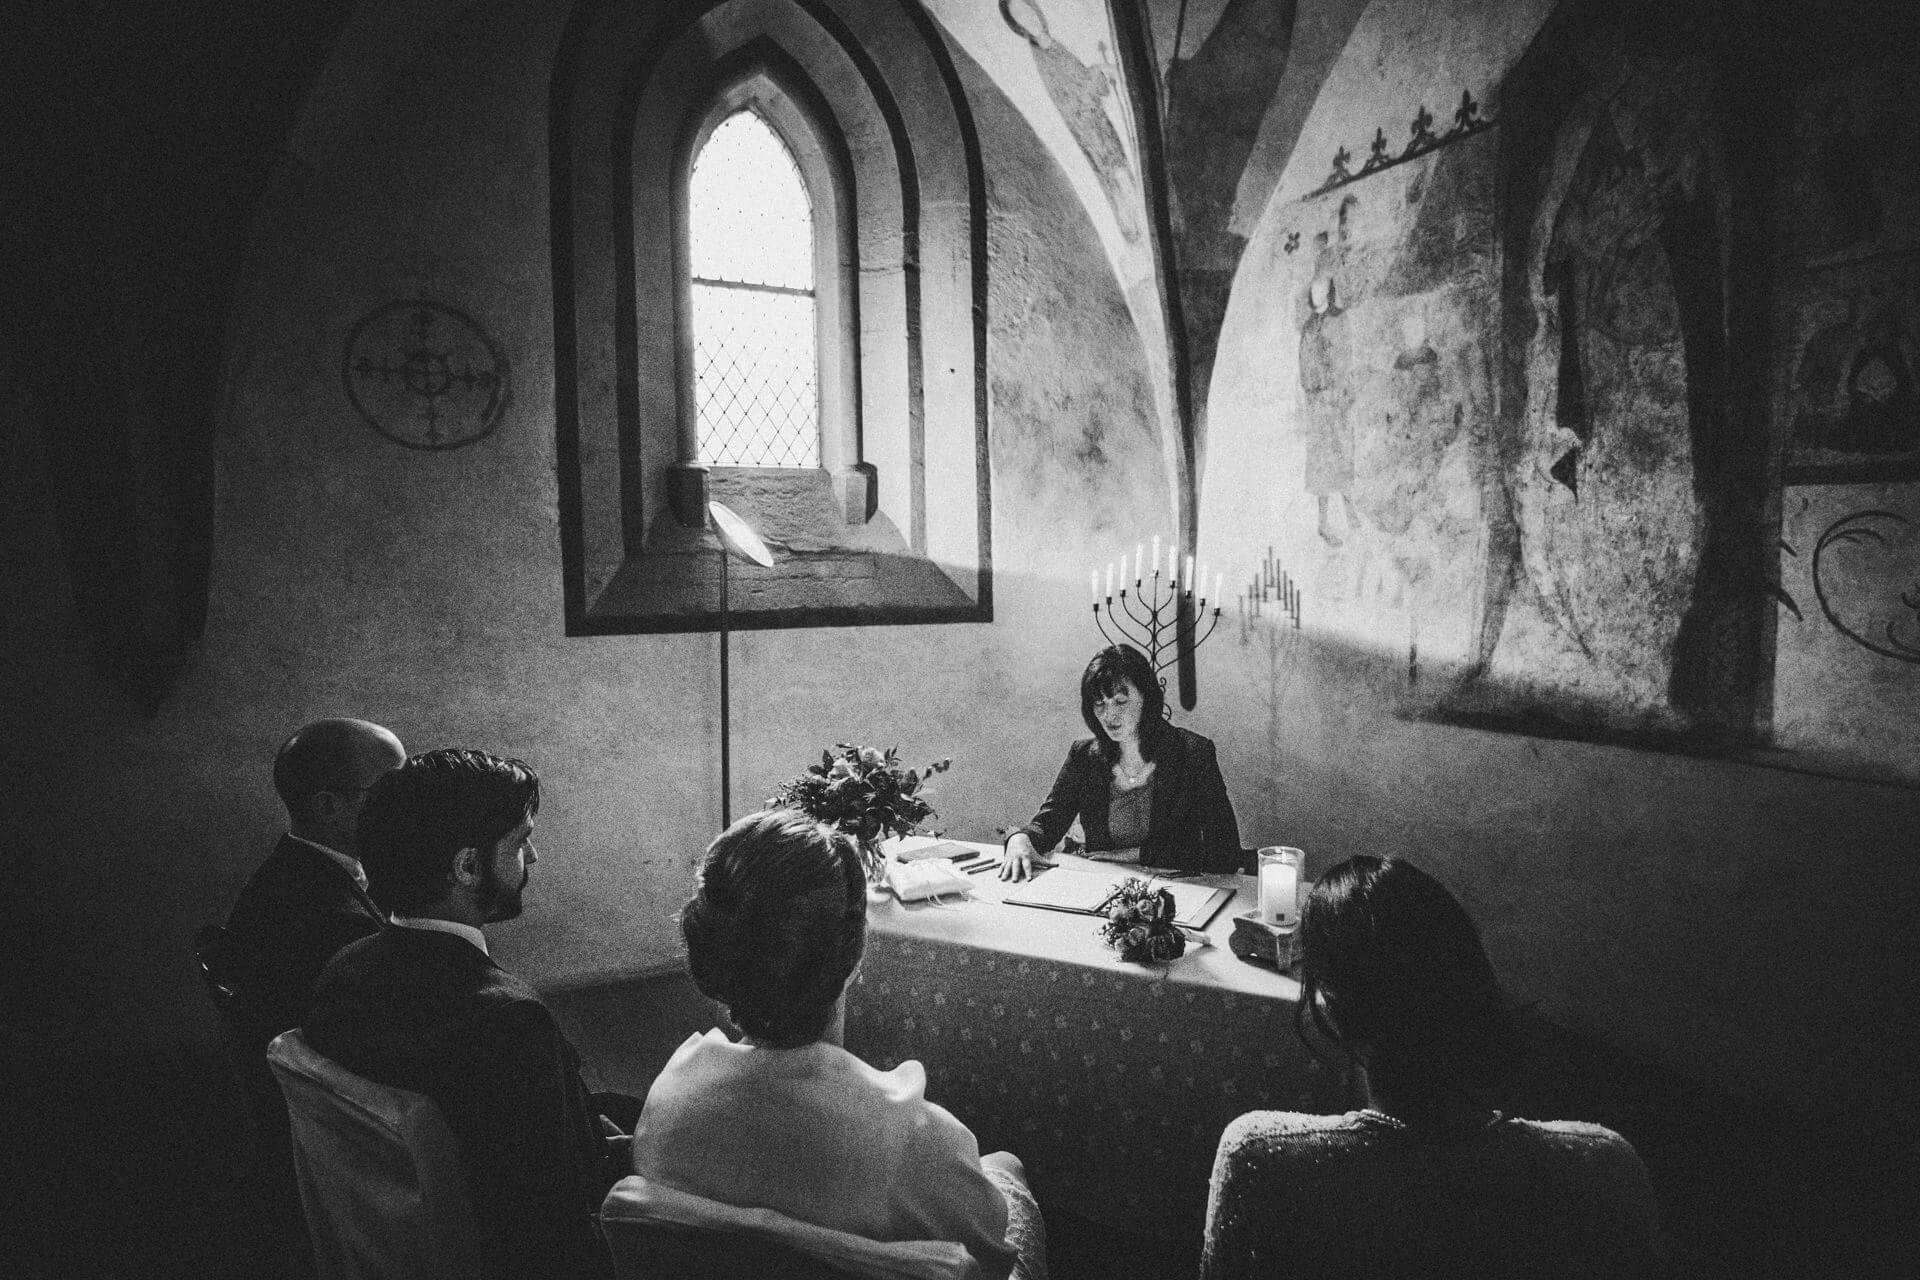 Standesamtliche Trauung im Kloster Altenberg - Hochzeitsfotograf Lahn-Dill-Kreis - ehrliche Hochzeitsfotografie